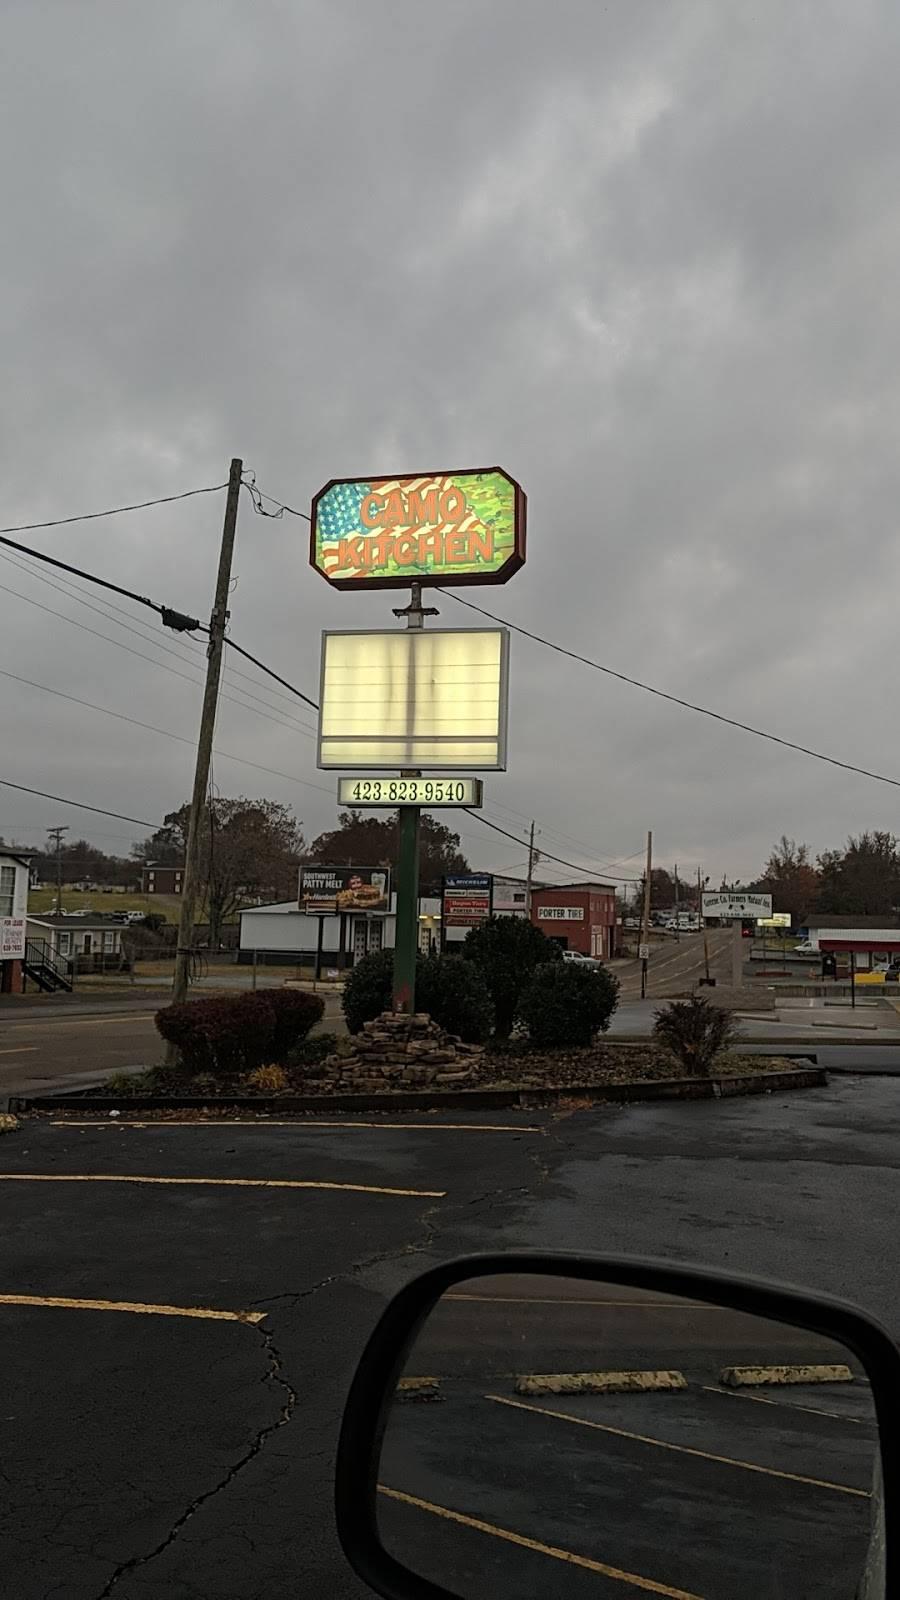 Camo Kitchen | restaurant | 1001 W Main St, Greeneville, TN 37743, USA | 4238239540 OR +1 423-823-9540